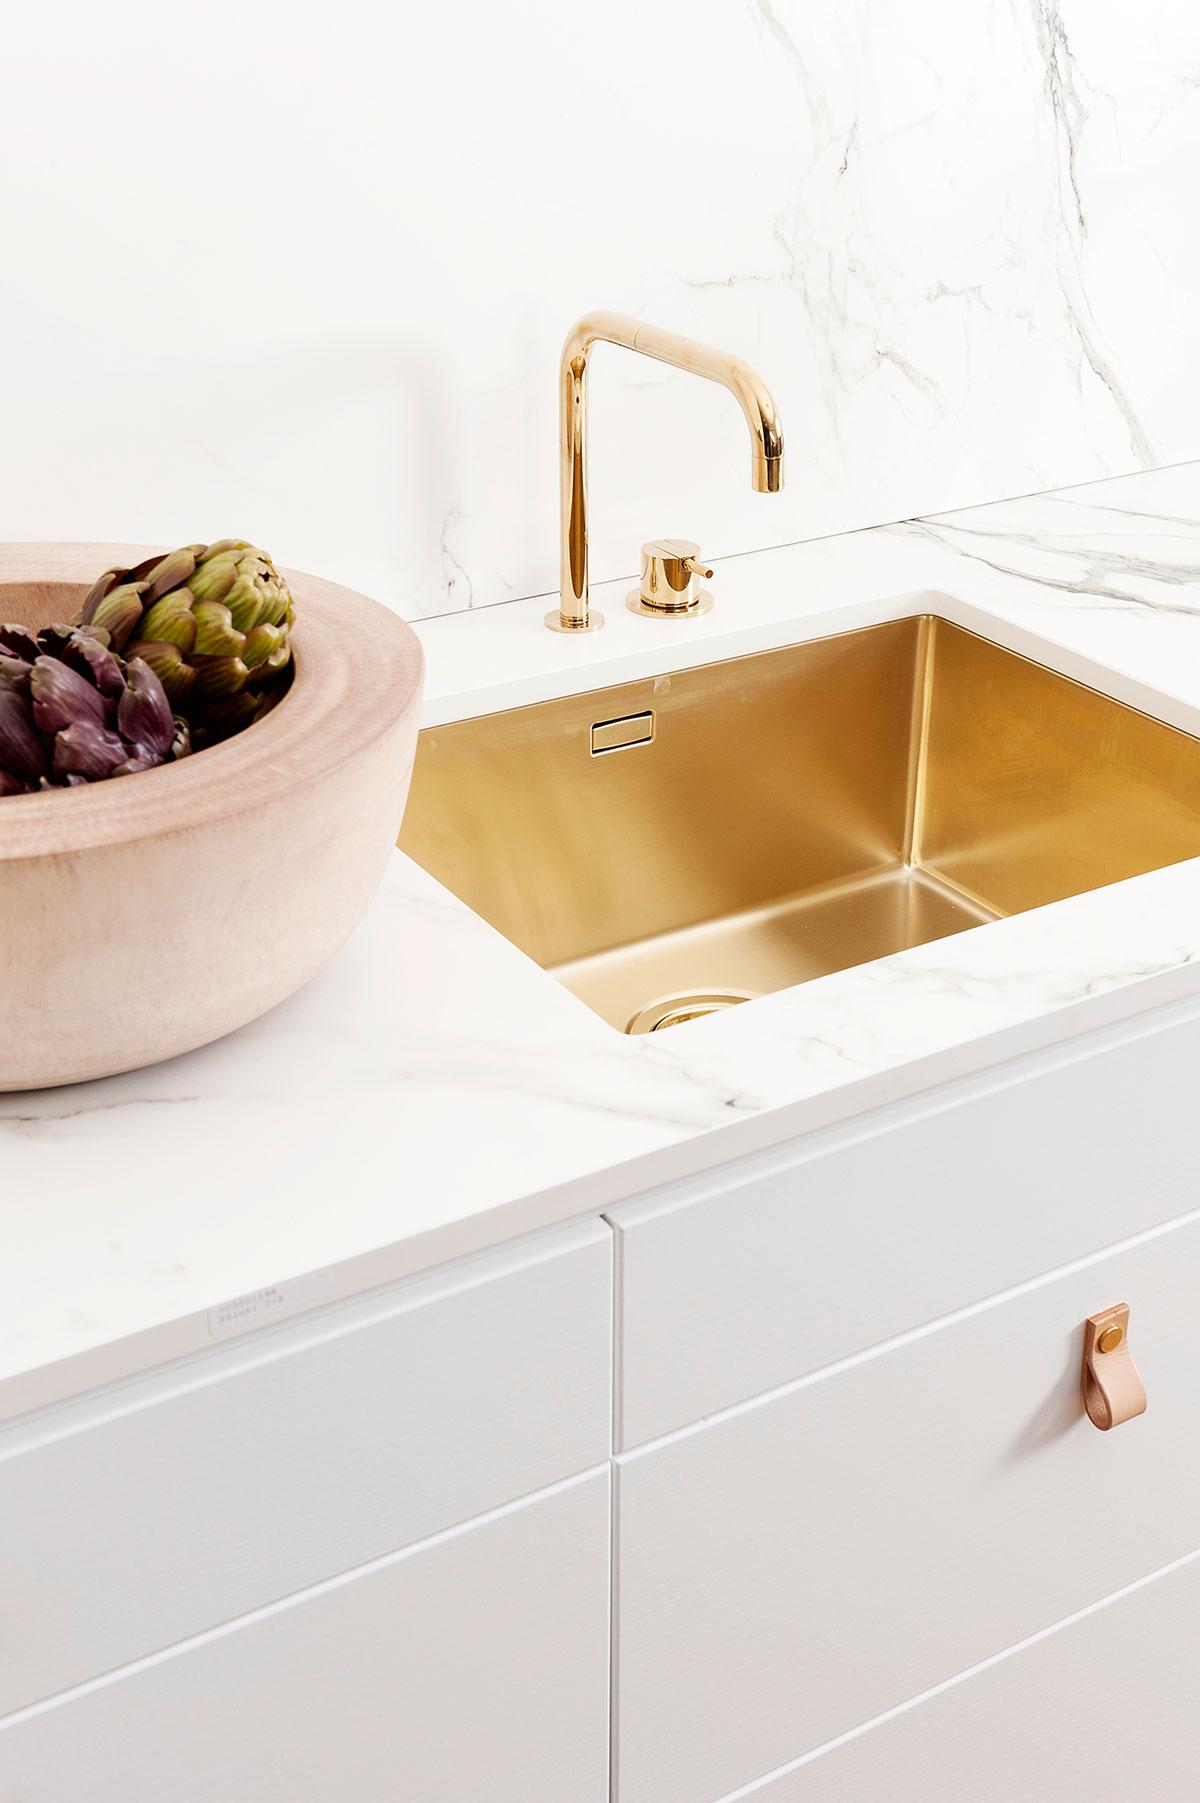 Kjøkkenvask og armatur i gull? Ja takk!